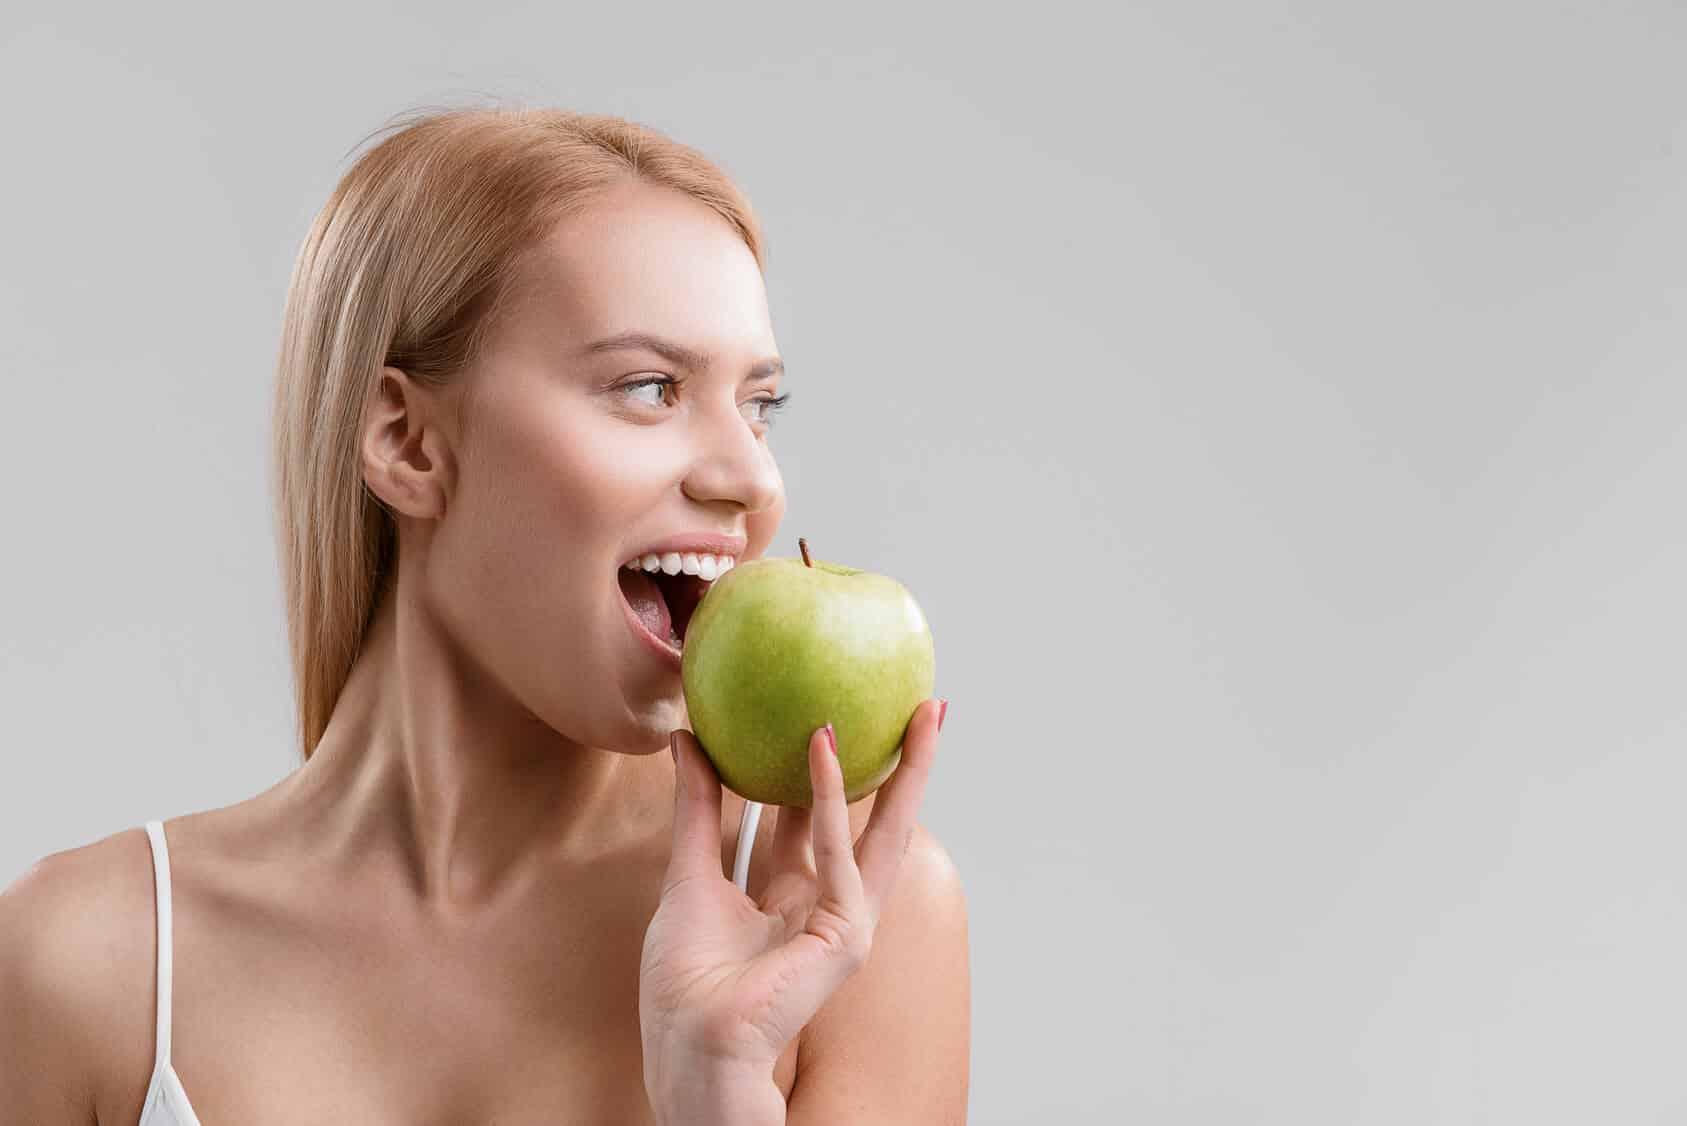 Junge Frau hält grünen Apfel in der Hand, sie freut sich, dass sie keine losen Zähne hat und und setzt zum ersten Biss an